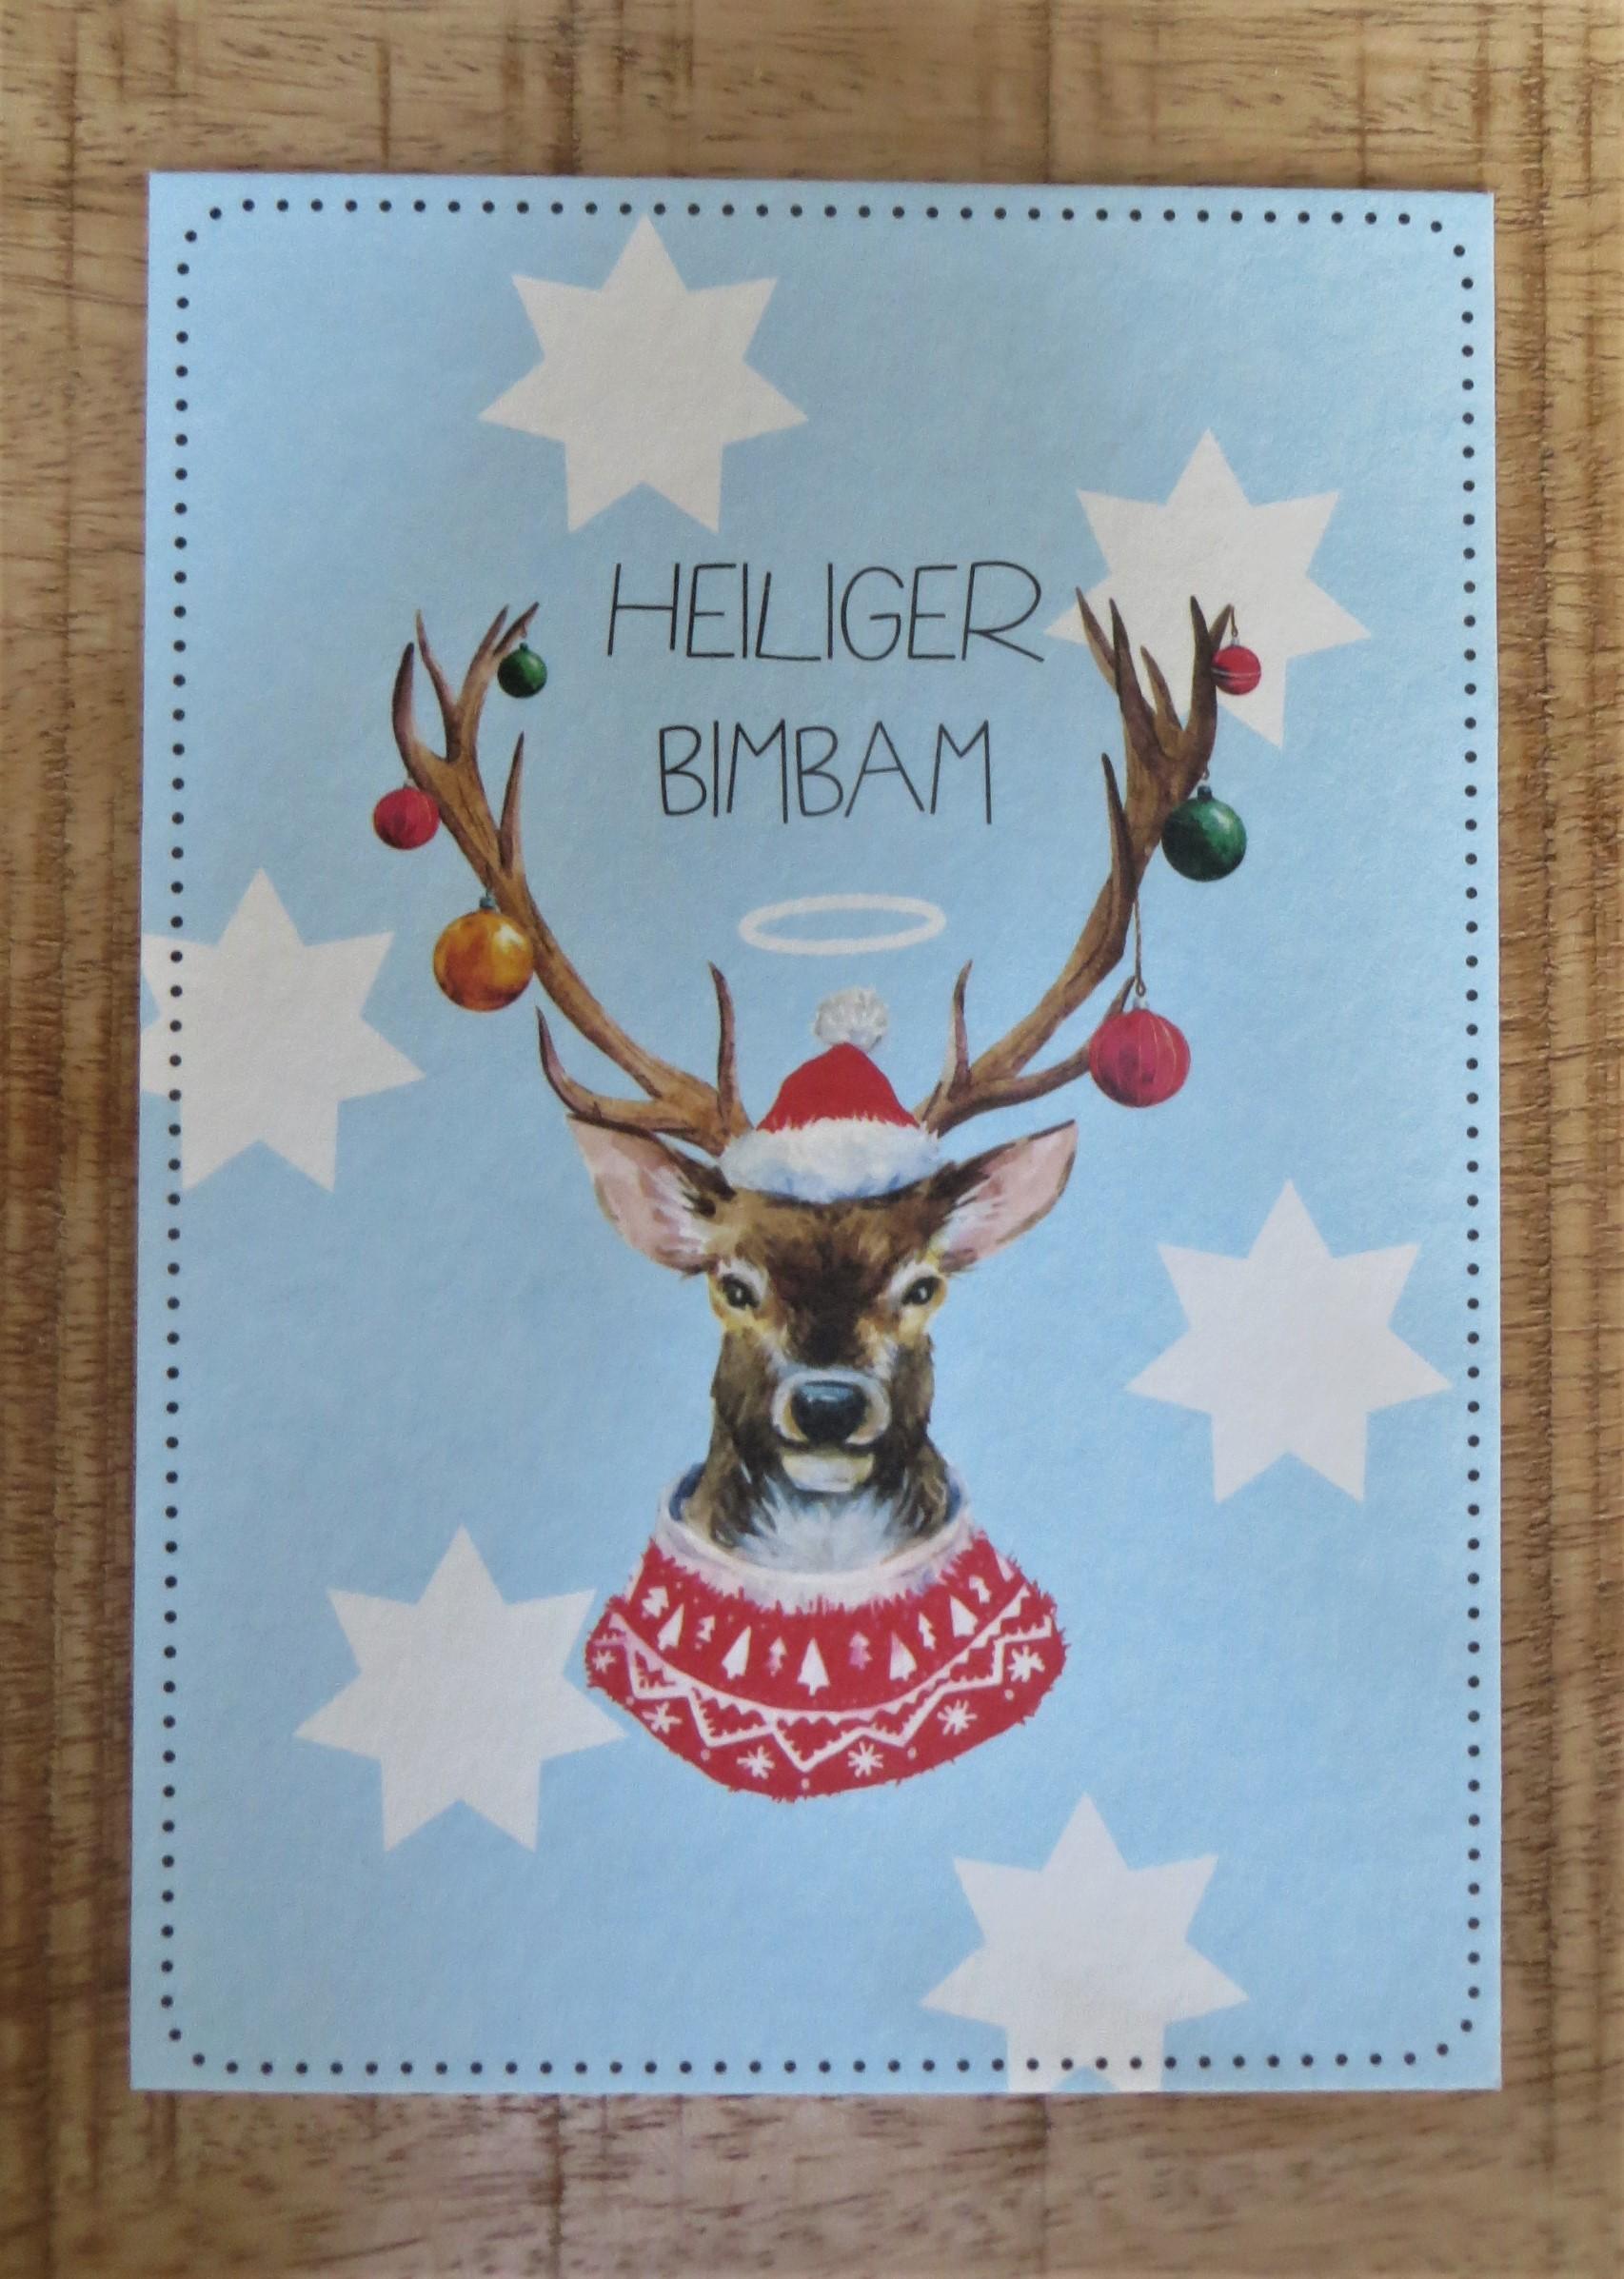 Nützlichgrusskarten - Postkarte Heiliger BIMBAM - Onlineshop Tante Emmer